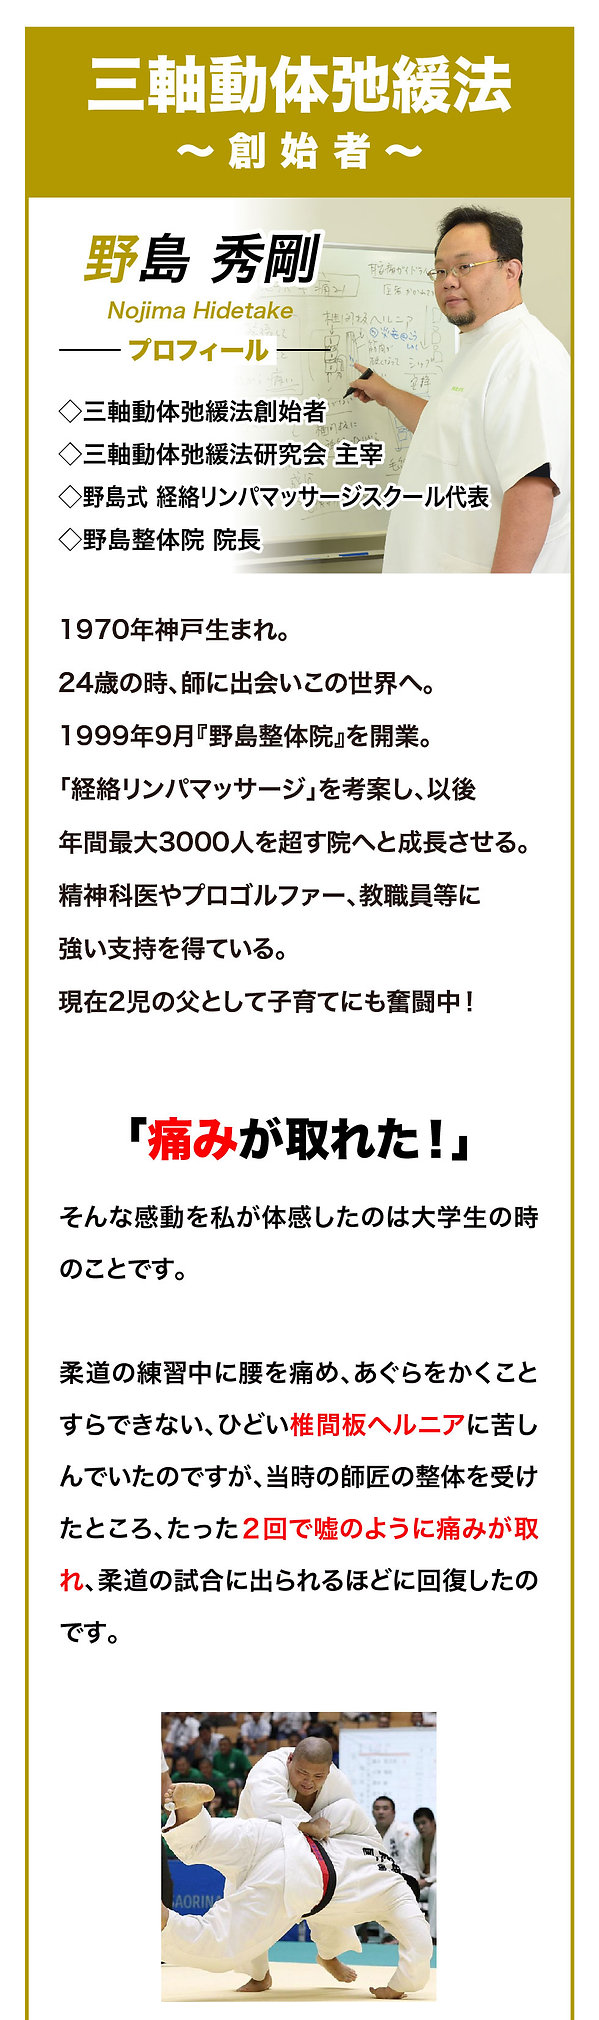 ぎっくり腰セミナー_メインページ_191009-19.jpg